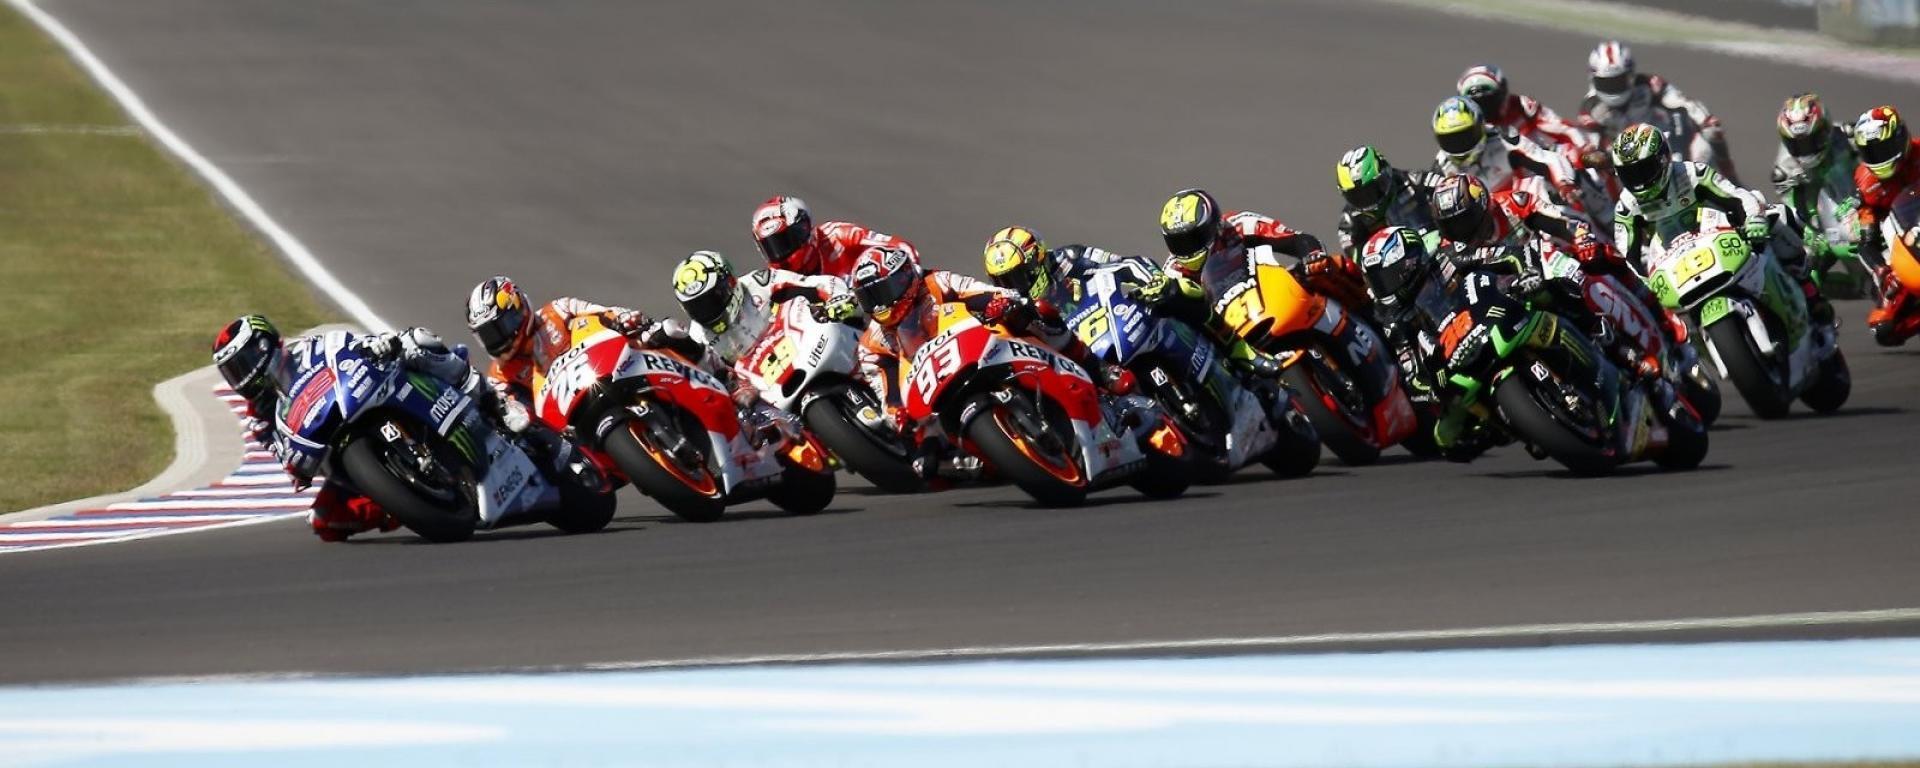 ¿Te apetece vivir una Experiencia moto GP?